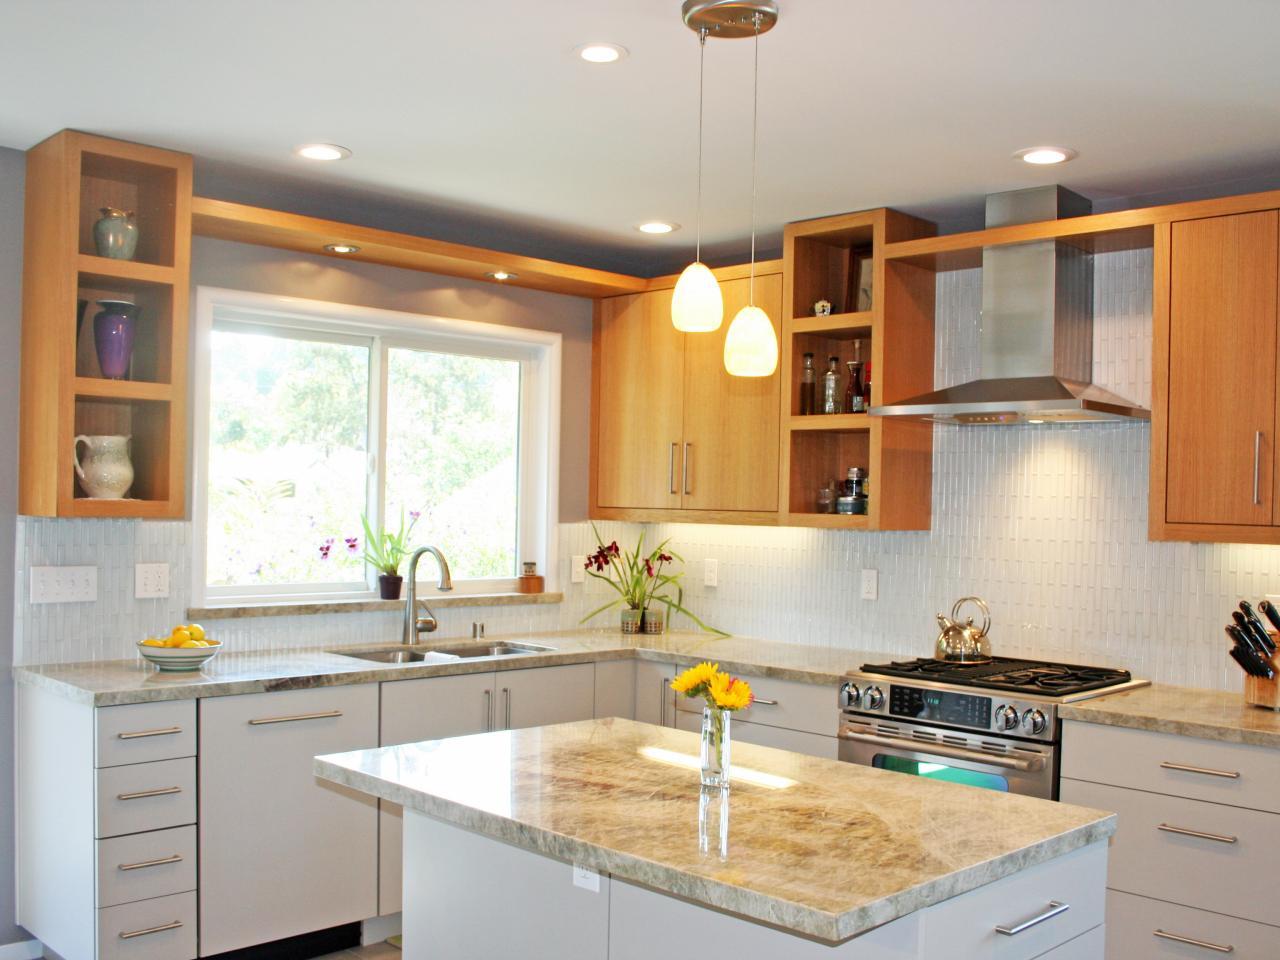 Nhà bếp vốn là nơi chuẩn bị những món ăn cho các thành viên trong gia đình